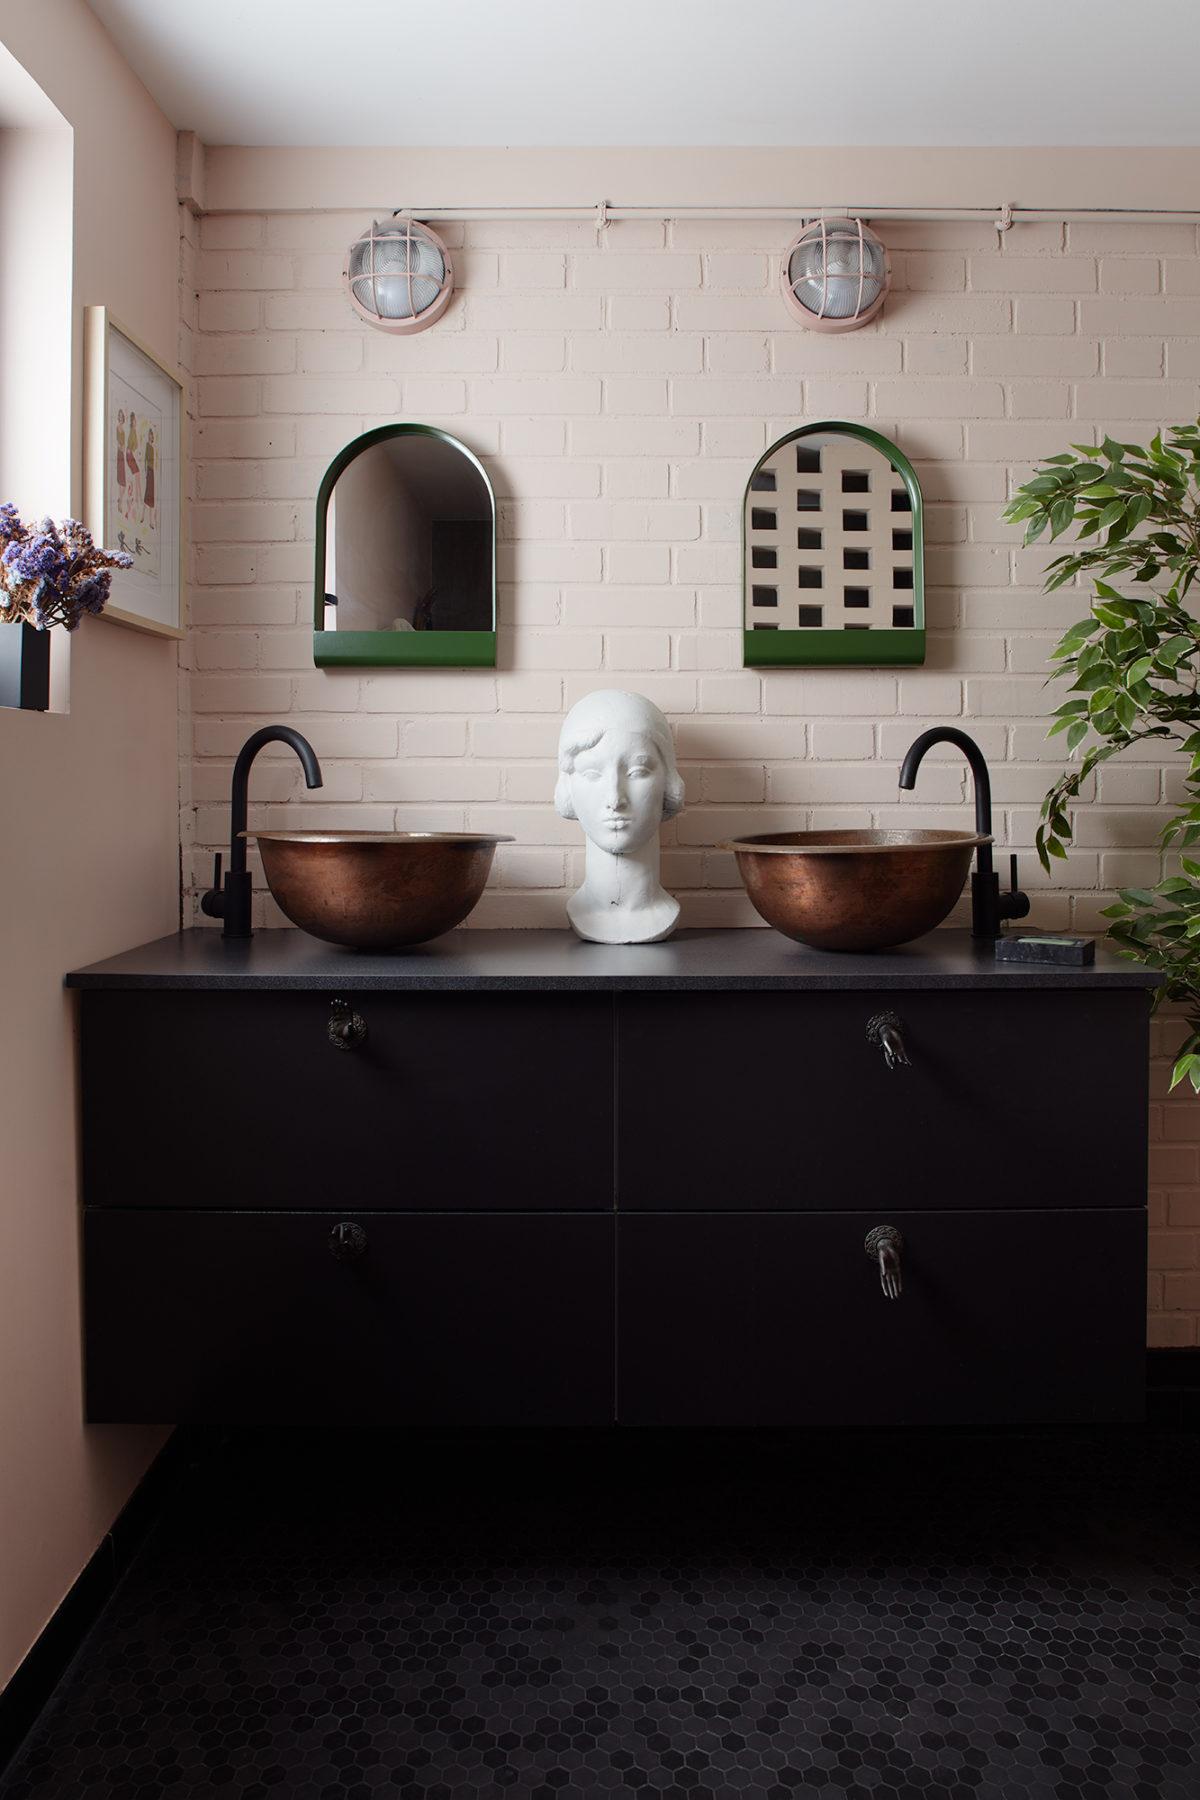 Salle de bains - Miroirs Hay, vasque cuivre martelé, buste en plâtre